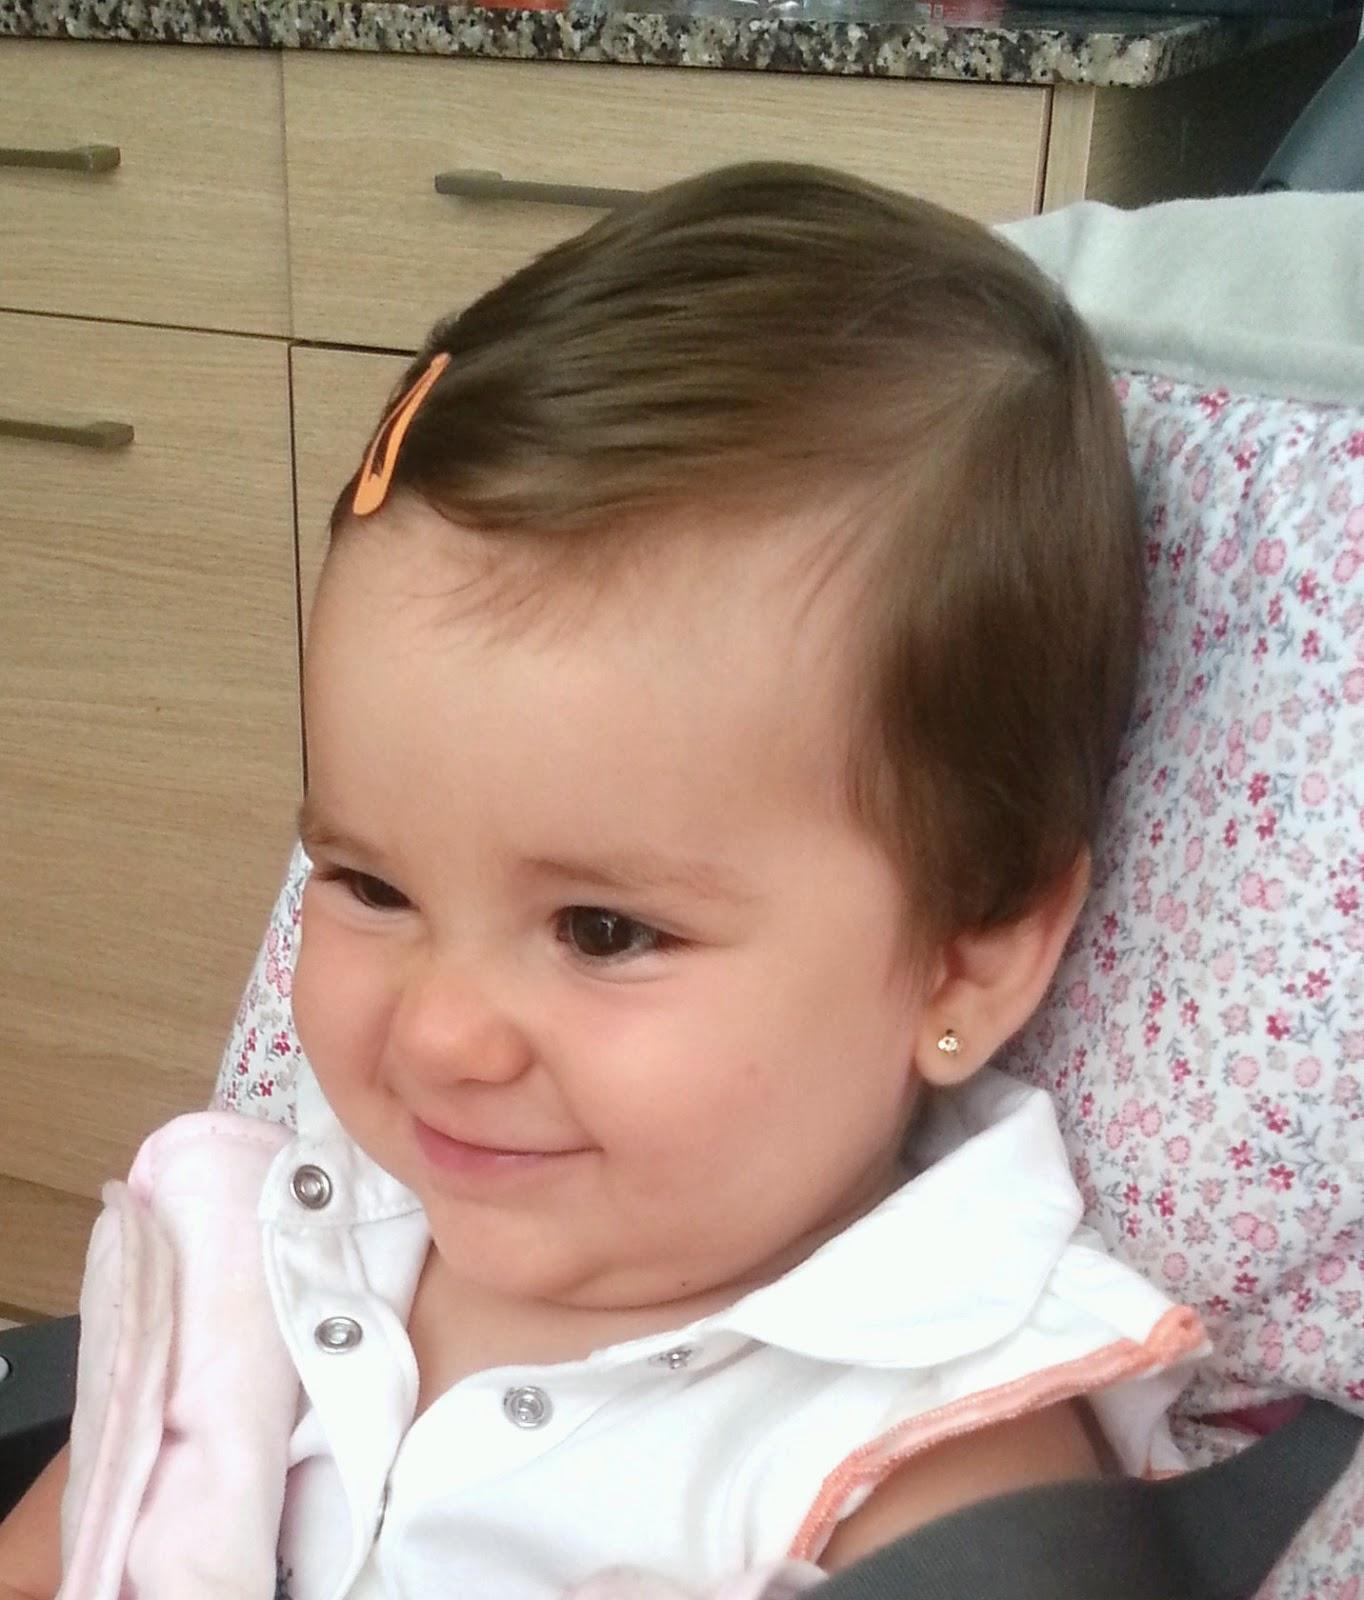 La alopecia completa a los niños